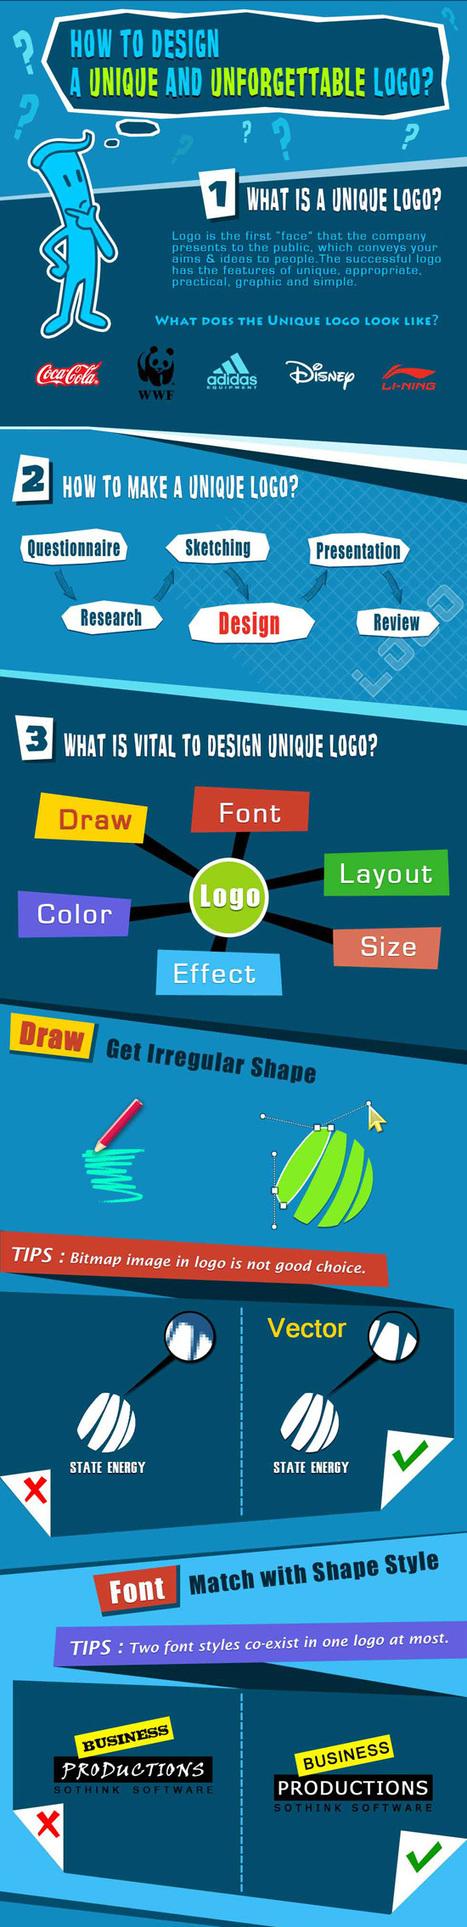 How to Design Unique Logos | Qdigitizing.com - Digitize Embroidery Designs | Scoop.it